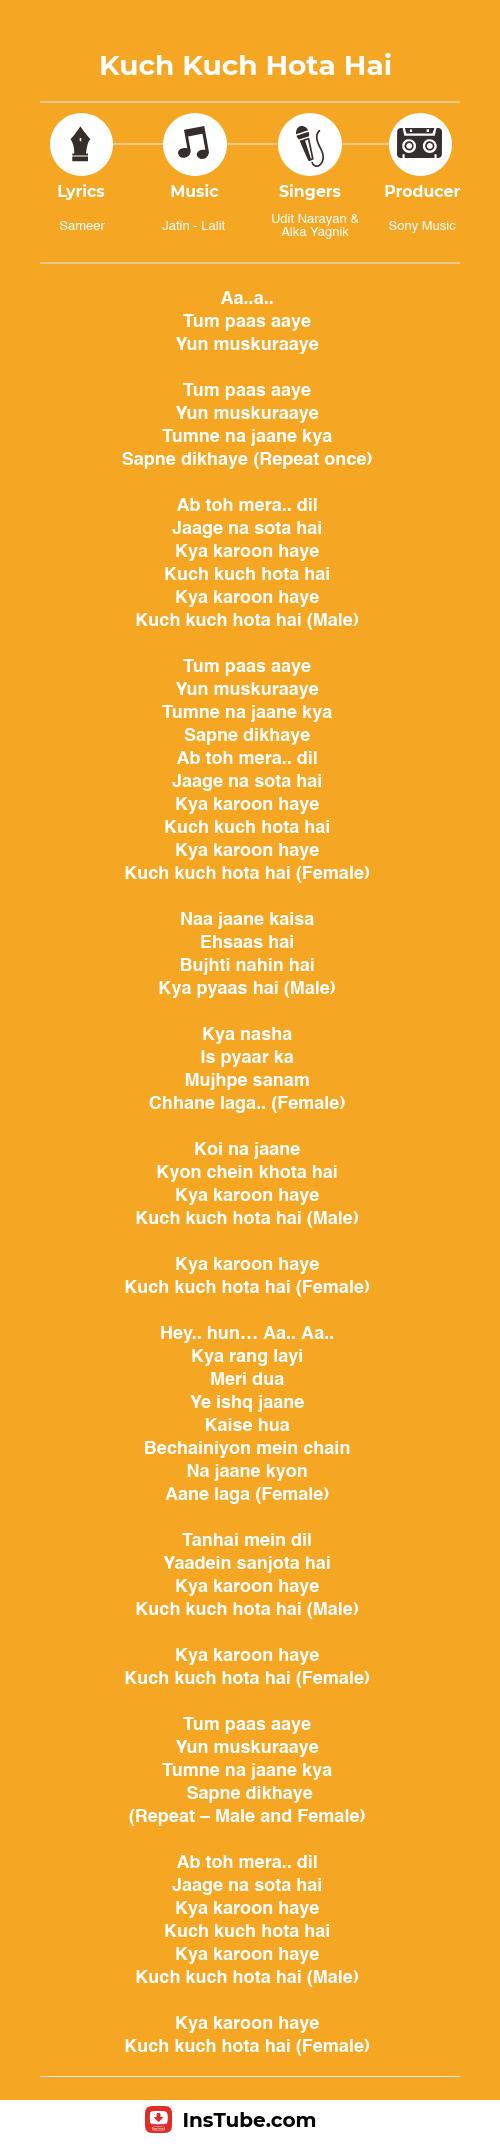 KKHH songs Kuch Kuch Hota Hai lyrics